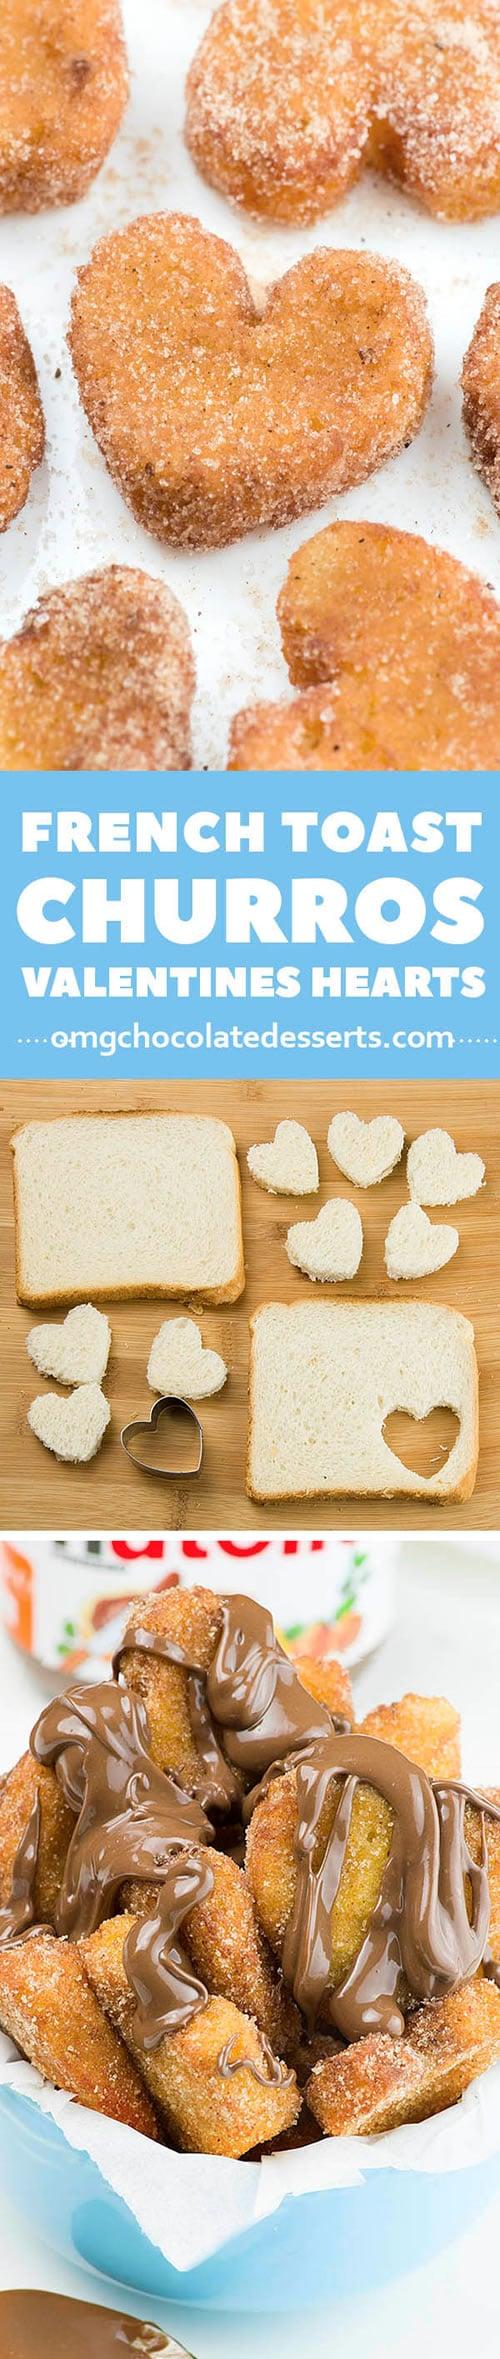 Comidas con forma de corazón: tostadas francesas